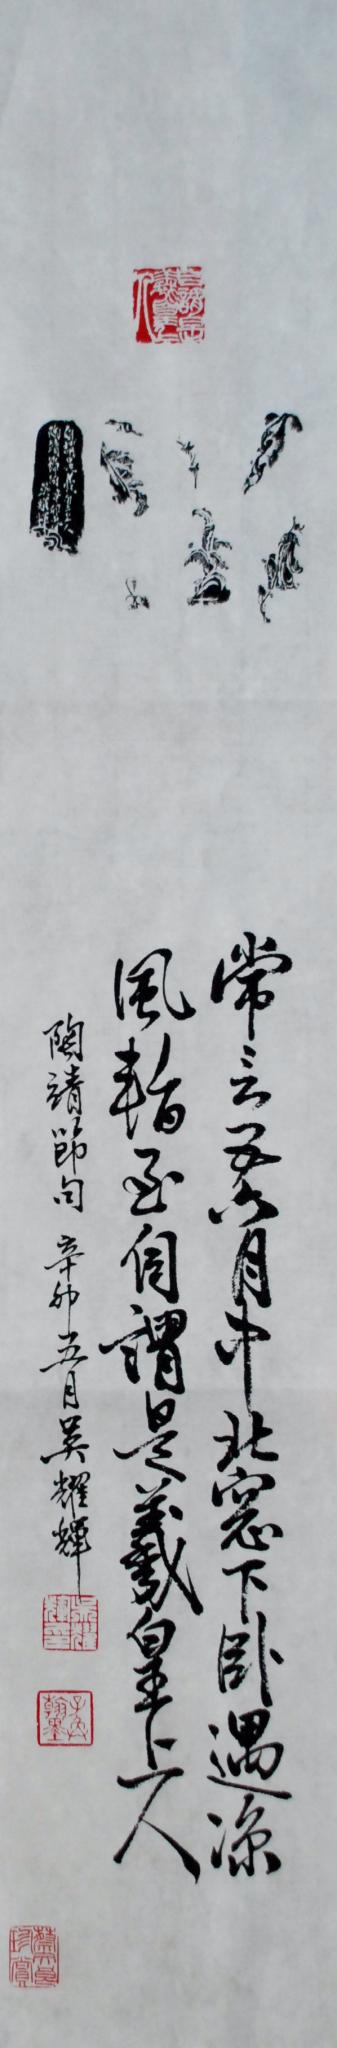 吳耀輝書法11_4.JPG